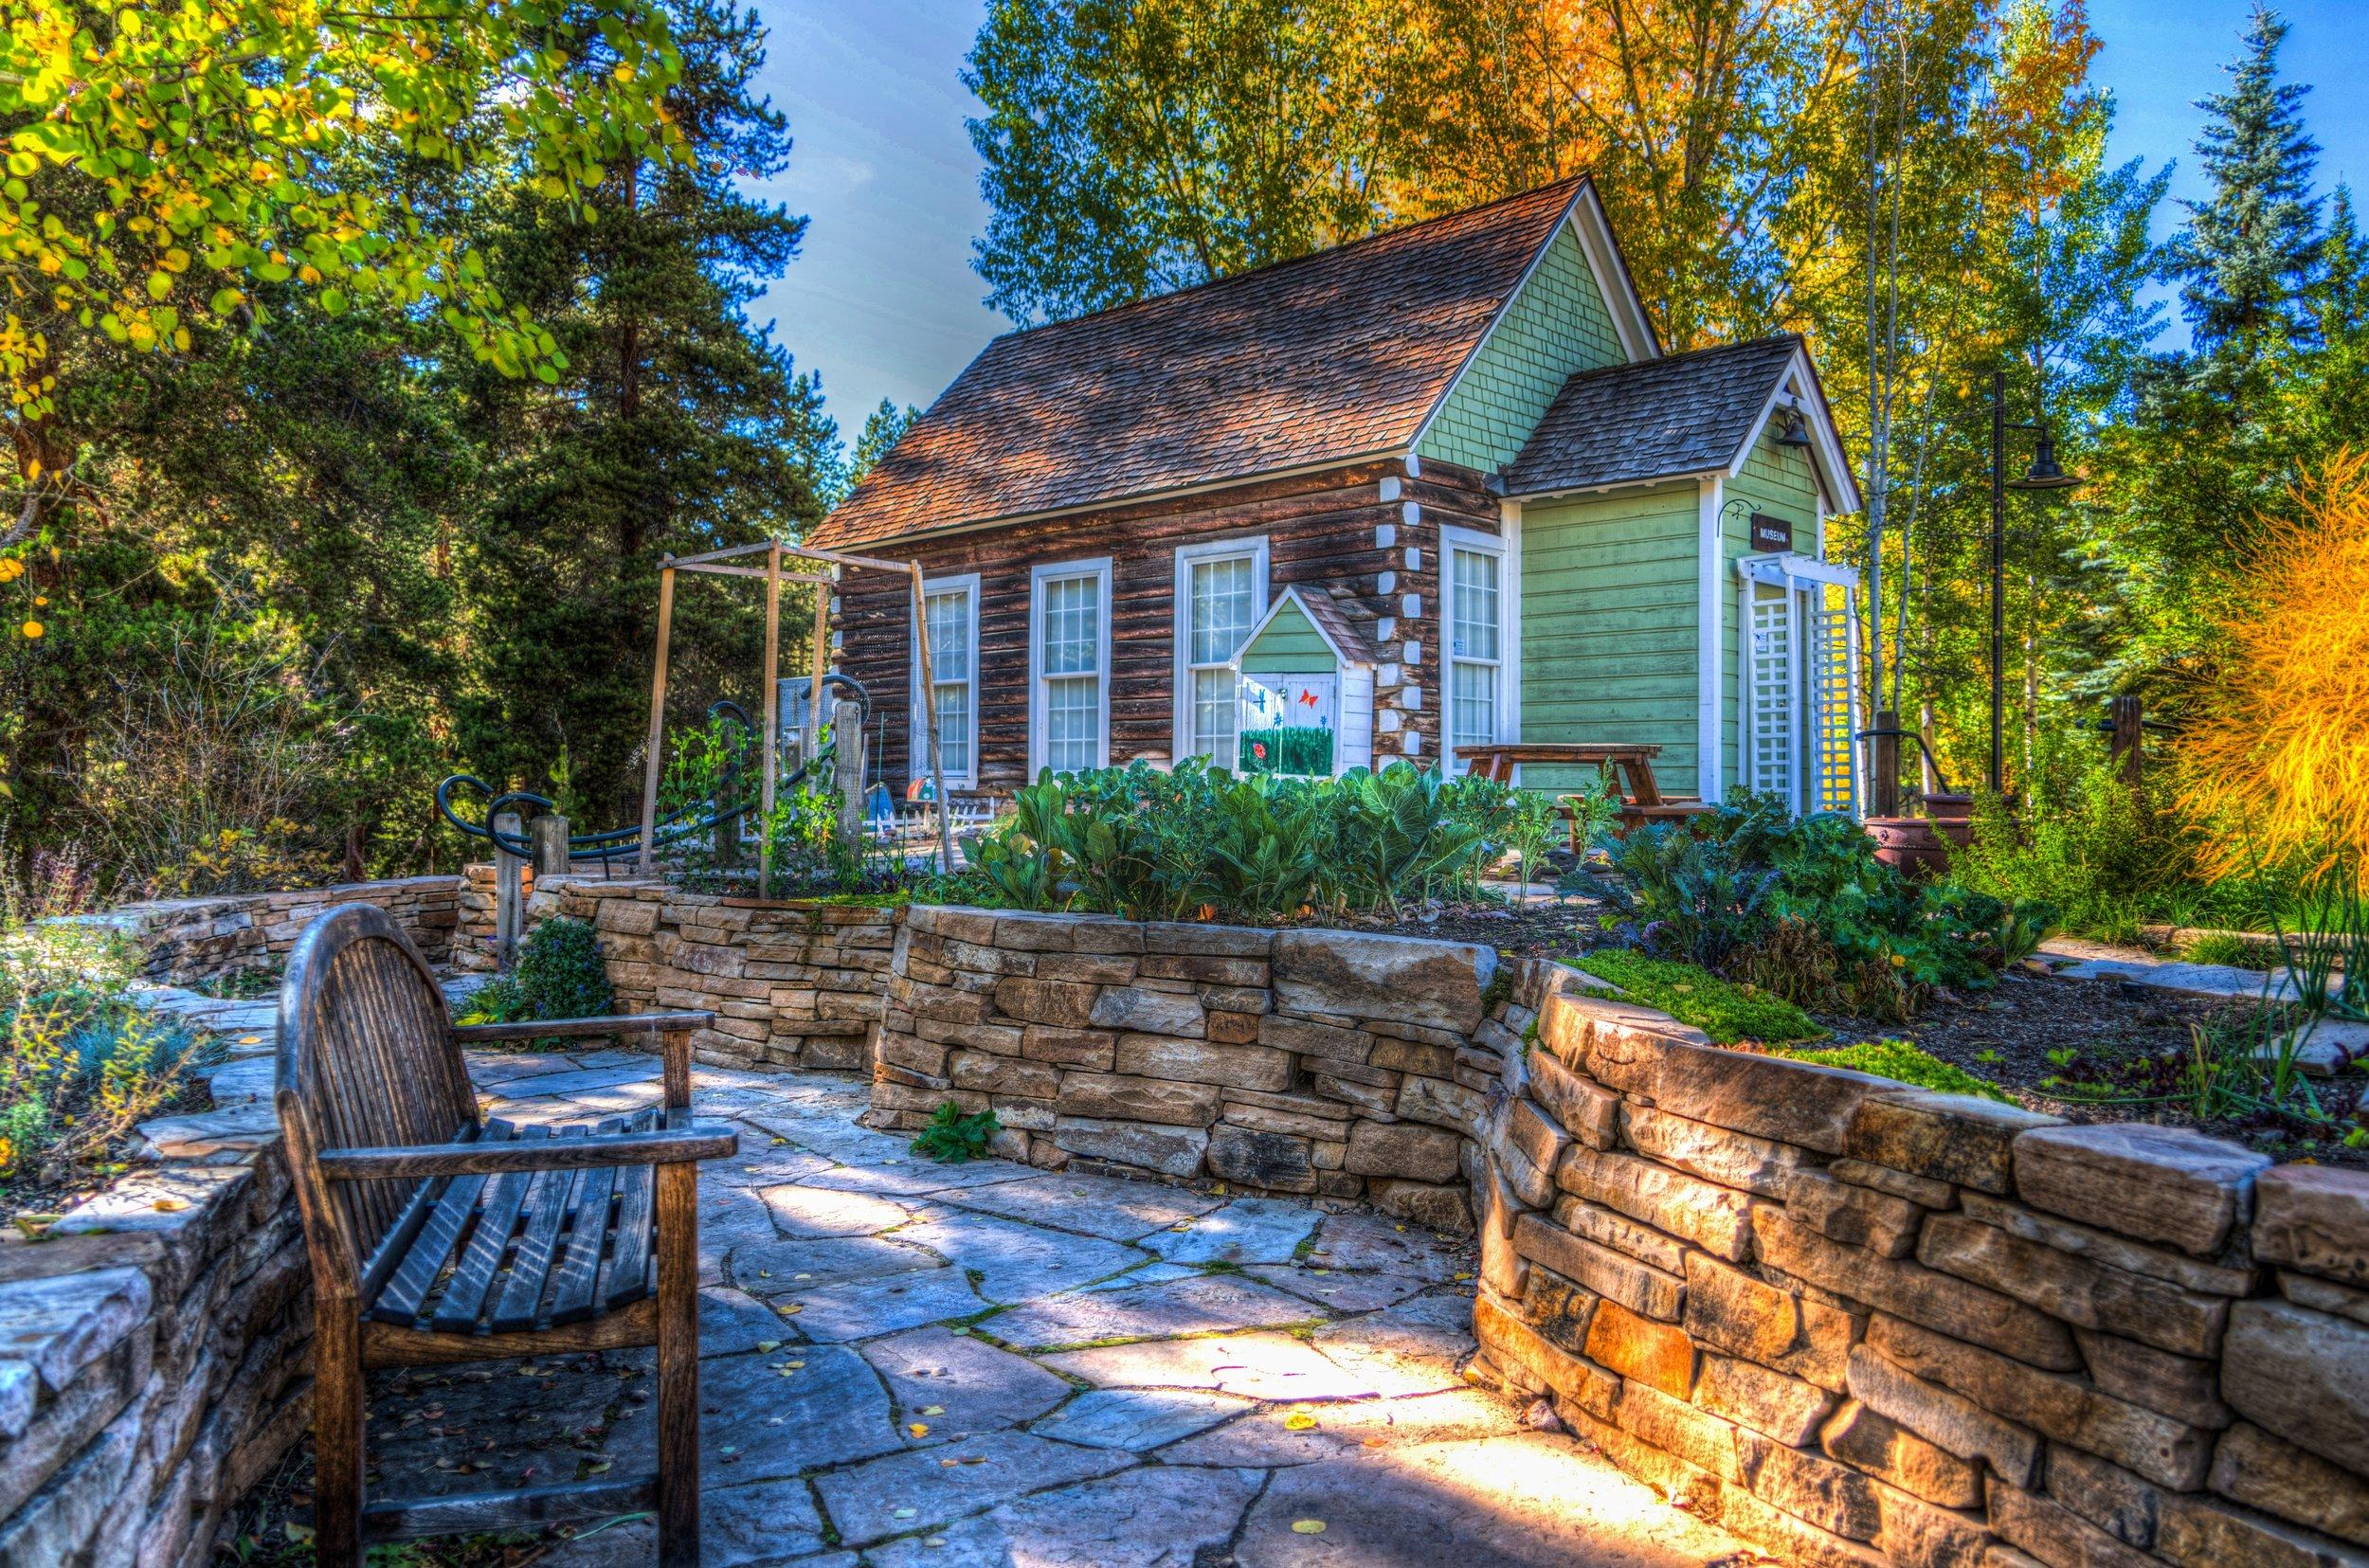 architecture-autumn-bench-206673.jpg